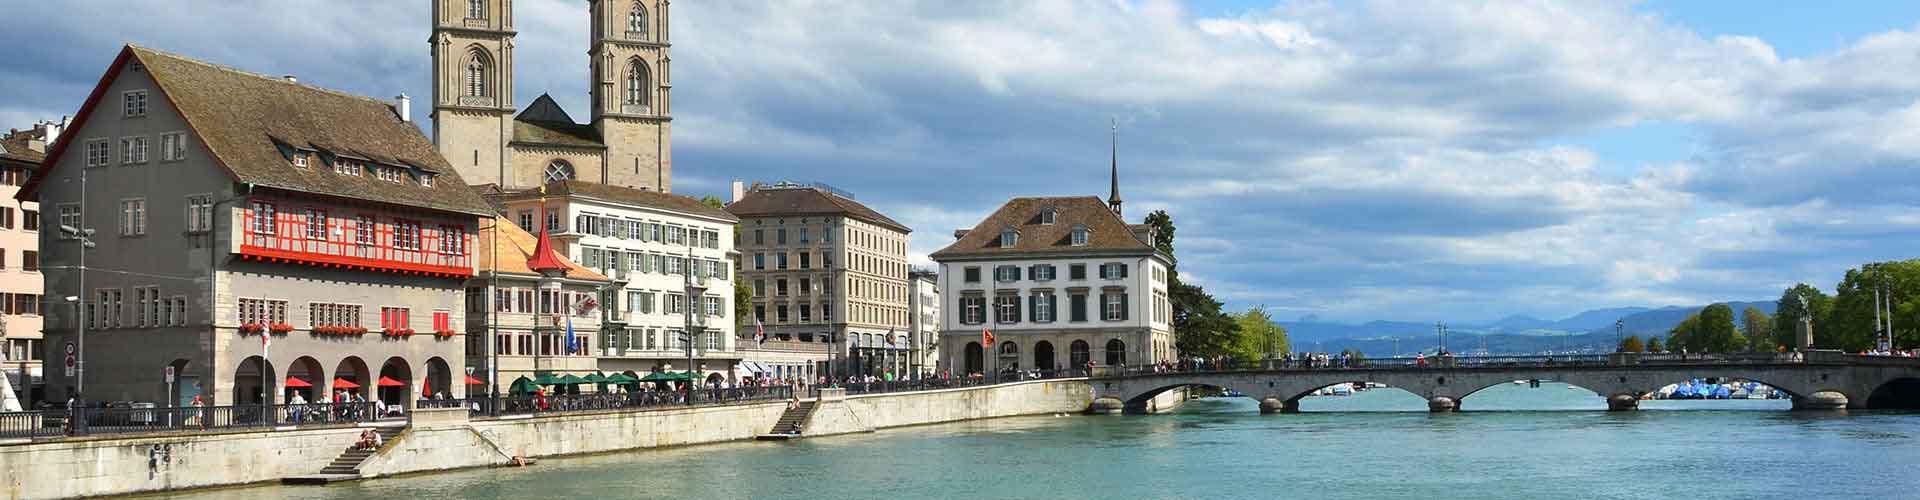 Zurich - Appartements près de Bahnhofstrasse. Cartes pour Zurich, photos et commentaires pour chaque appartement à Zurich.